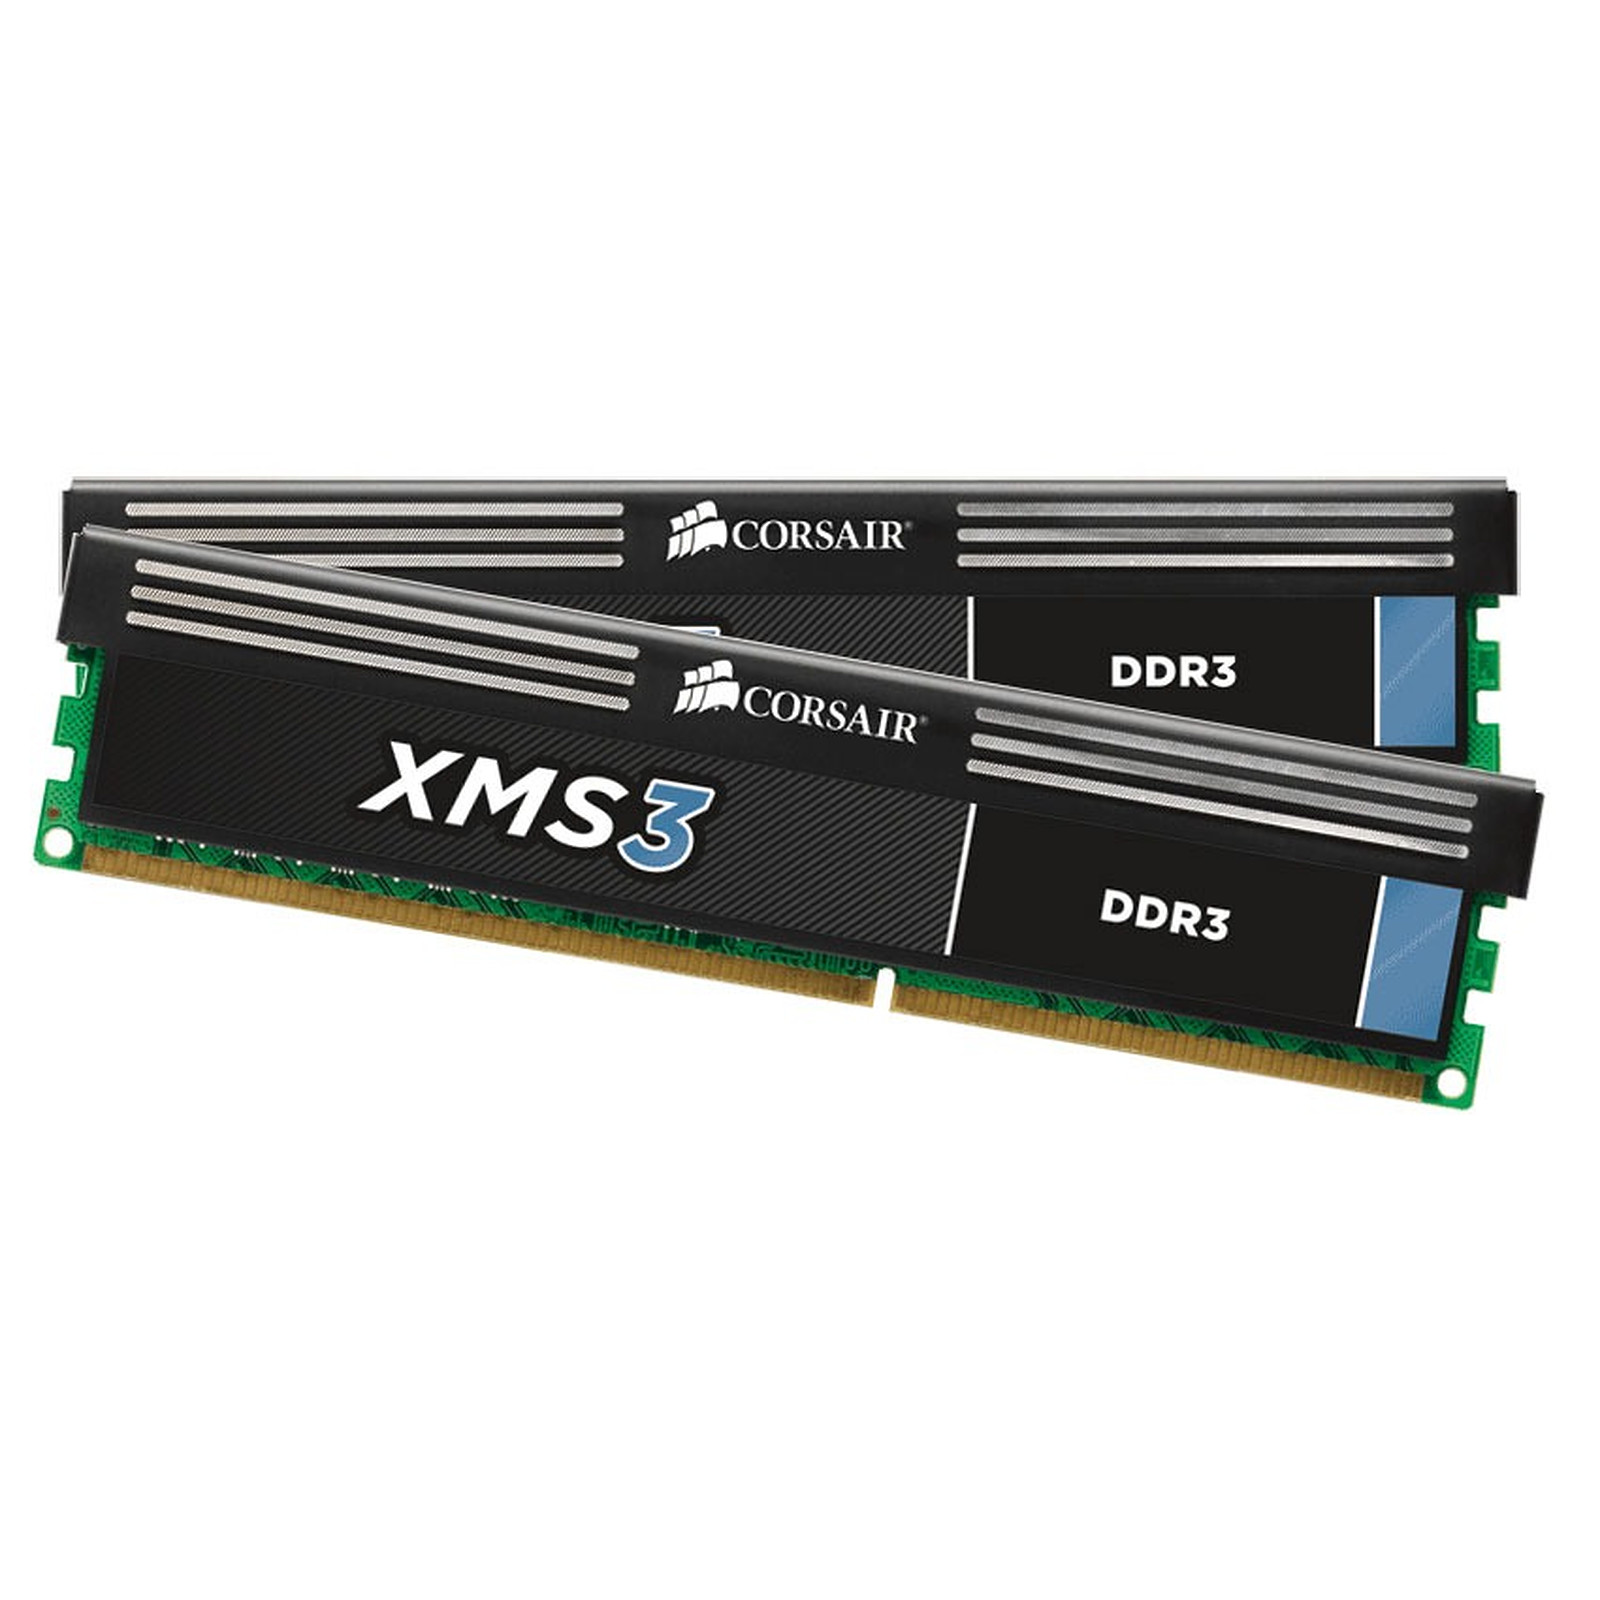 Corsair XMS3 8 Go (2x 4 Go) DDR3 1600 MHz CL9